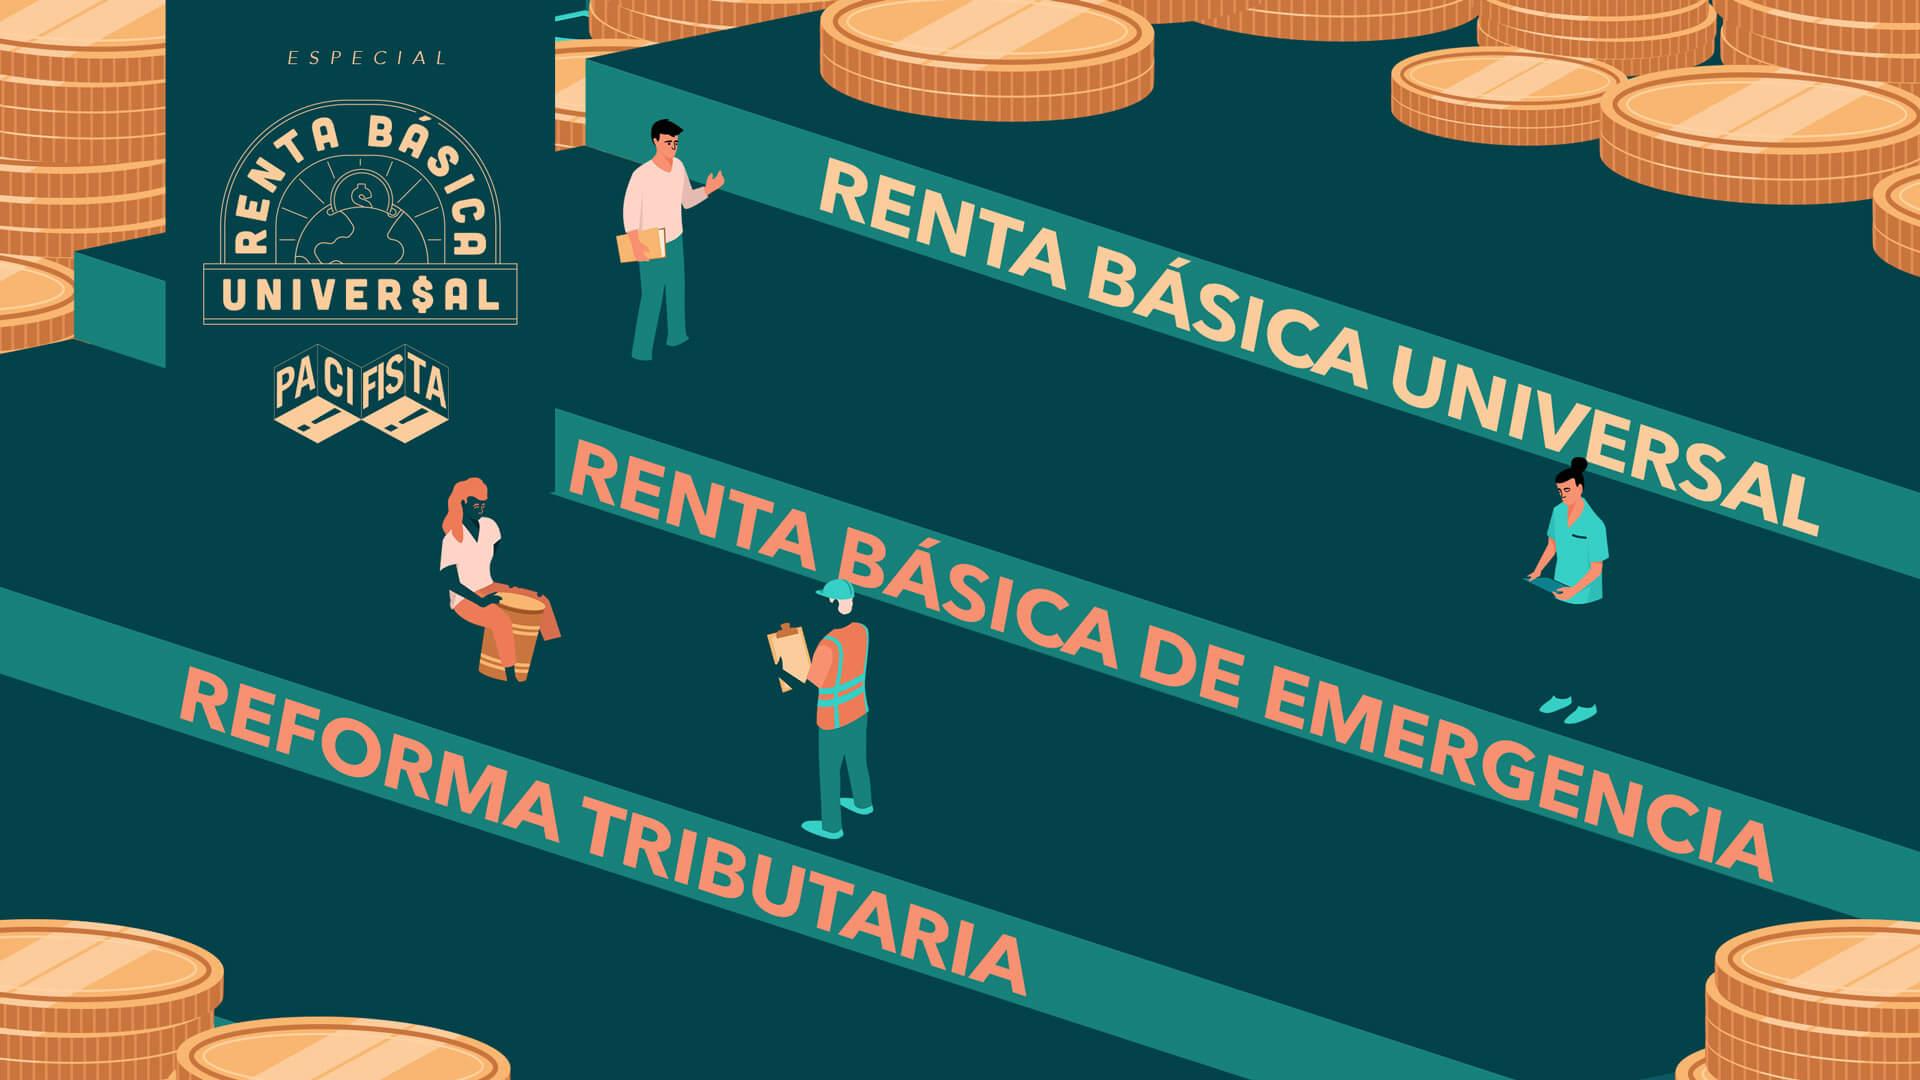 La Renta básica de emergencia y la Reforma tributaria llegan al Congreso